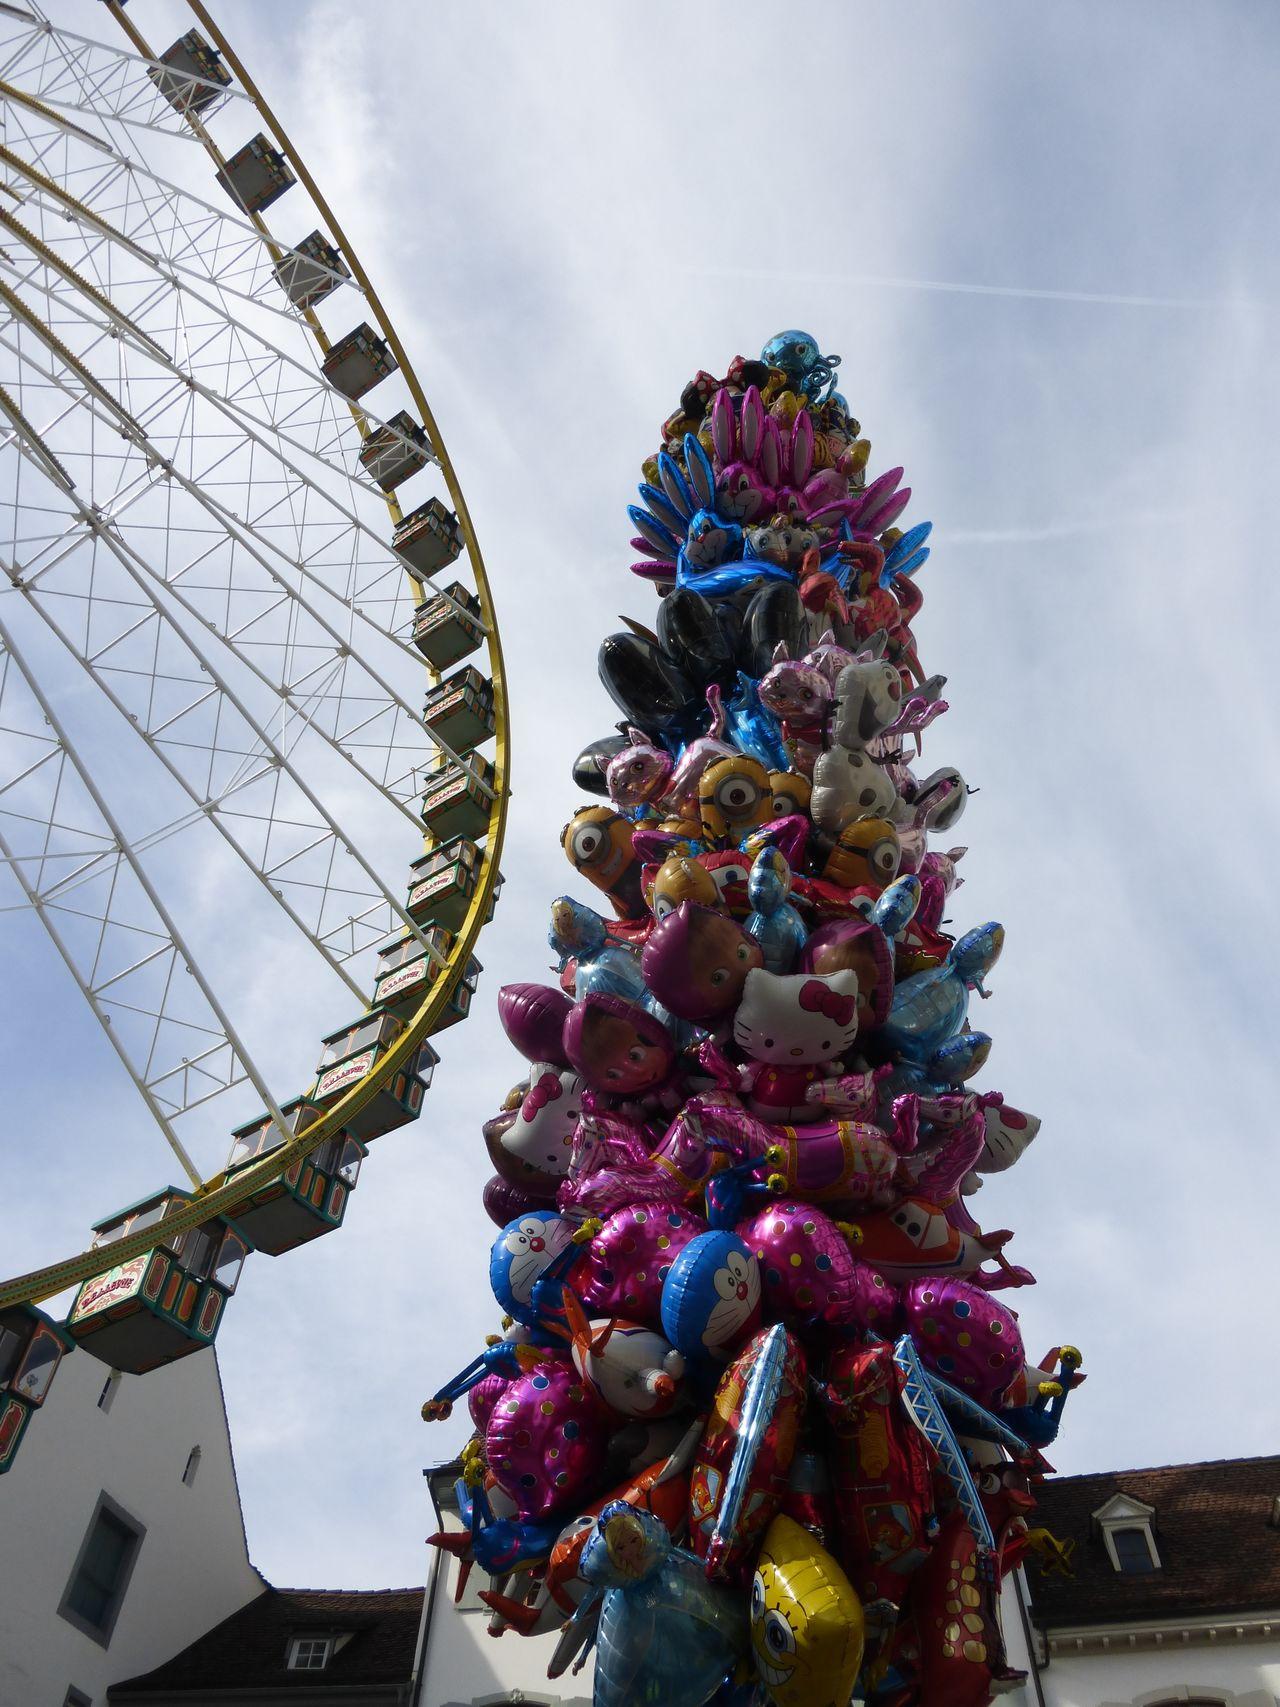 Capture The Moment Herbstmesse  Riesenrad Münsterplatz Ballons